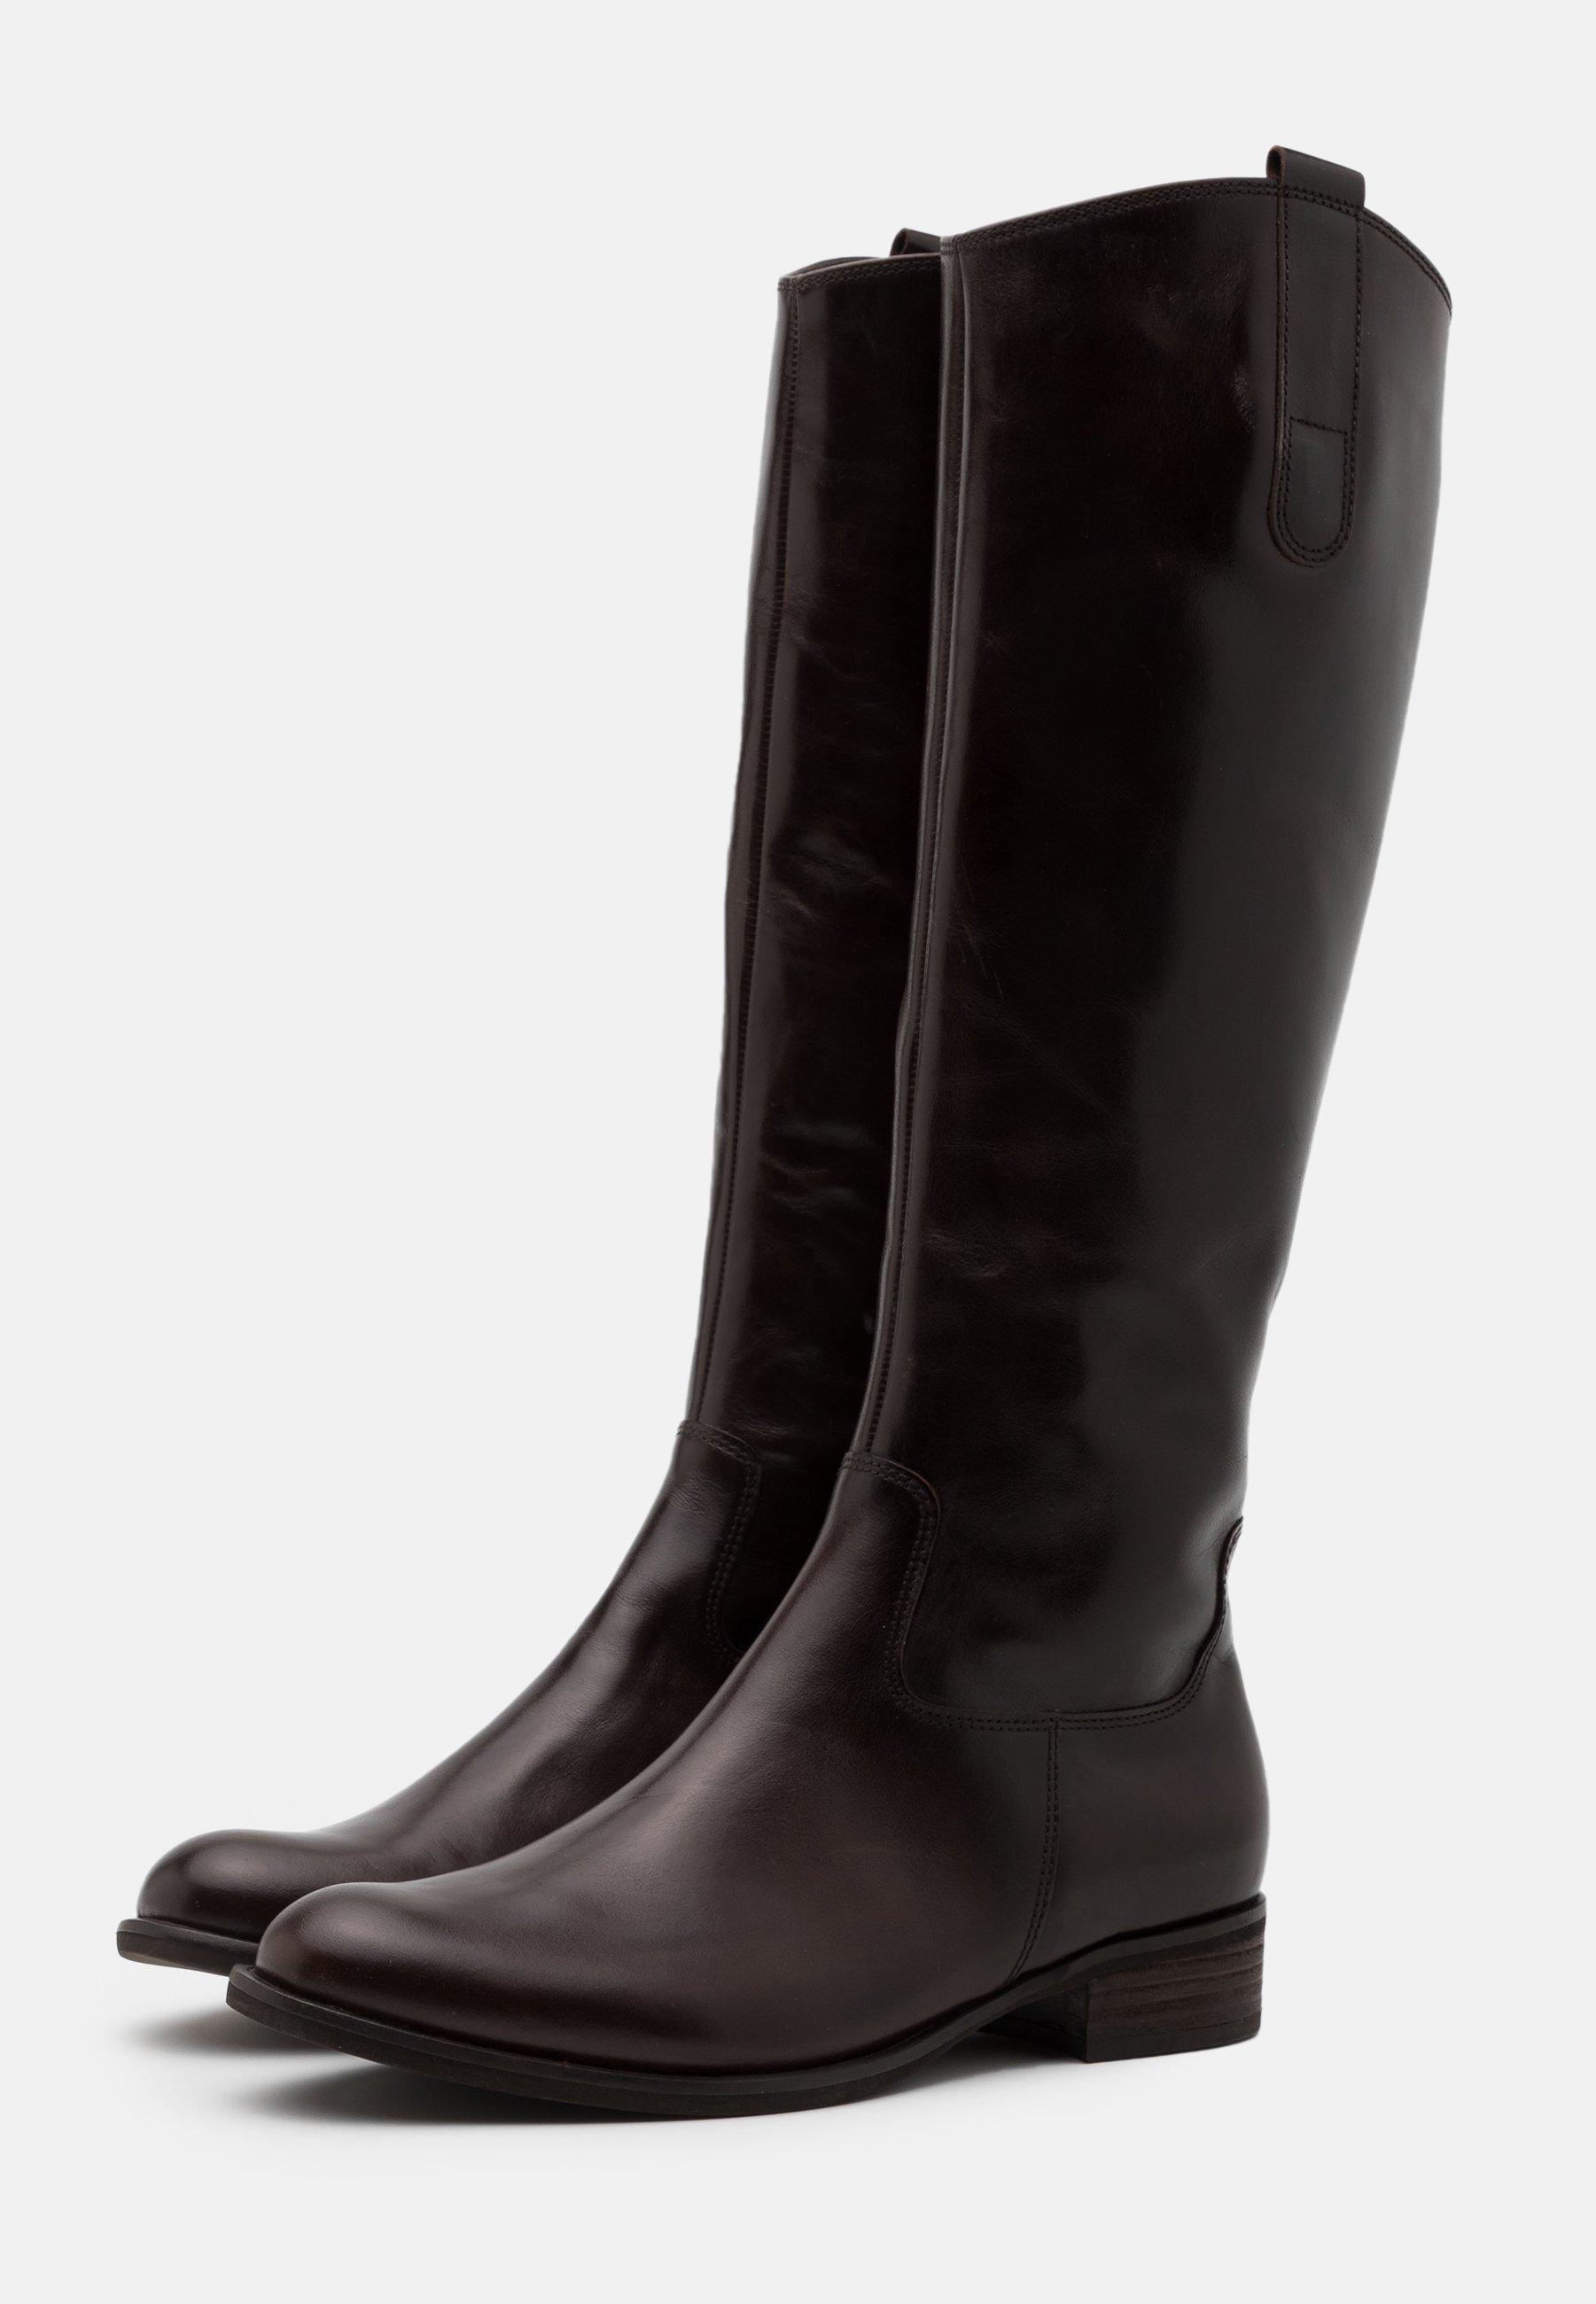 Aaa Quality Big Discount Women's Shoes Gabor Boots espresso FbWQQQiGM rnRV6cUk1